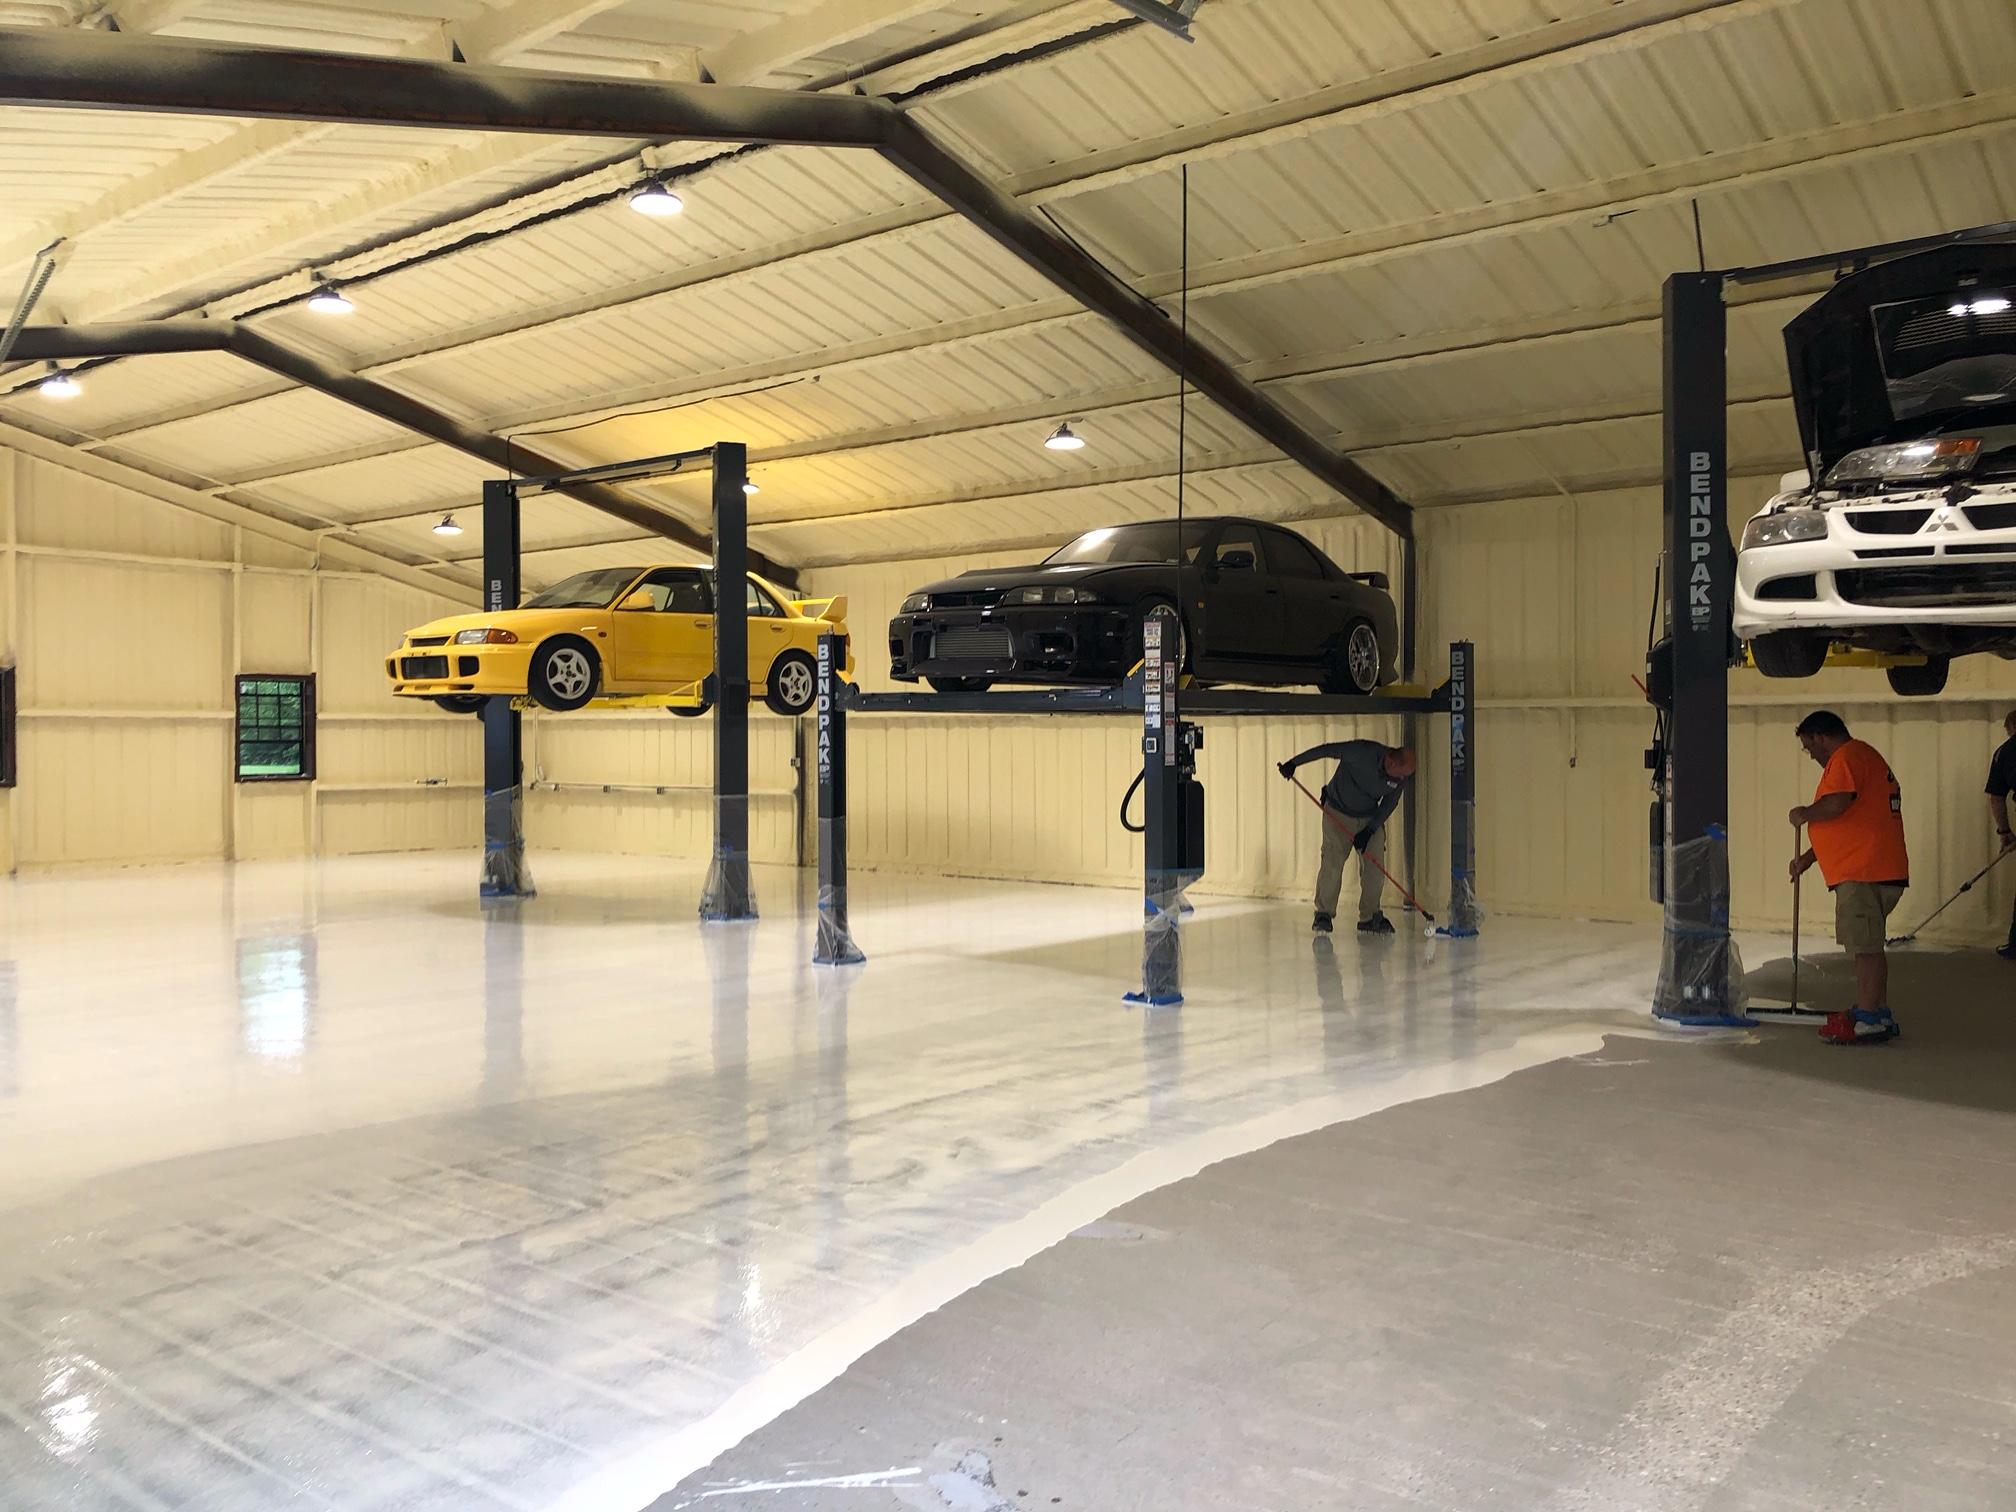 VAPOR BAN ER moisture vapor barrier being installed at Evan Shanks garage